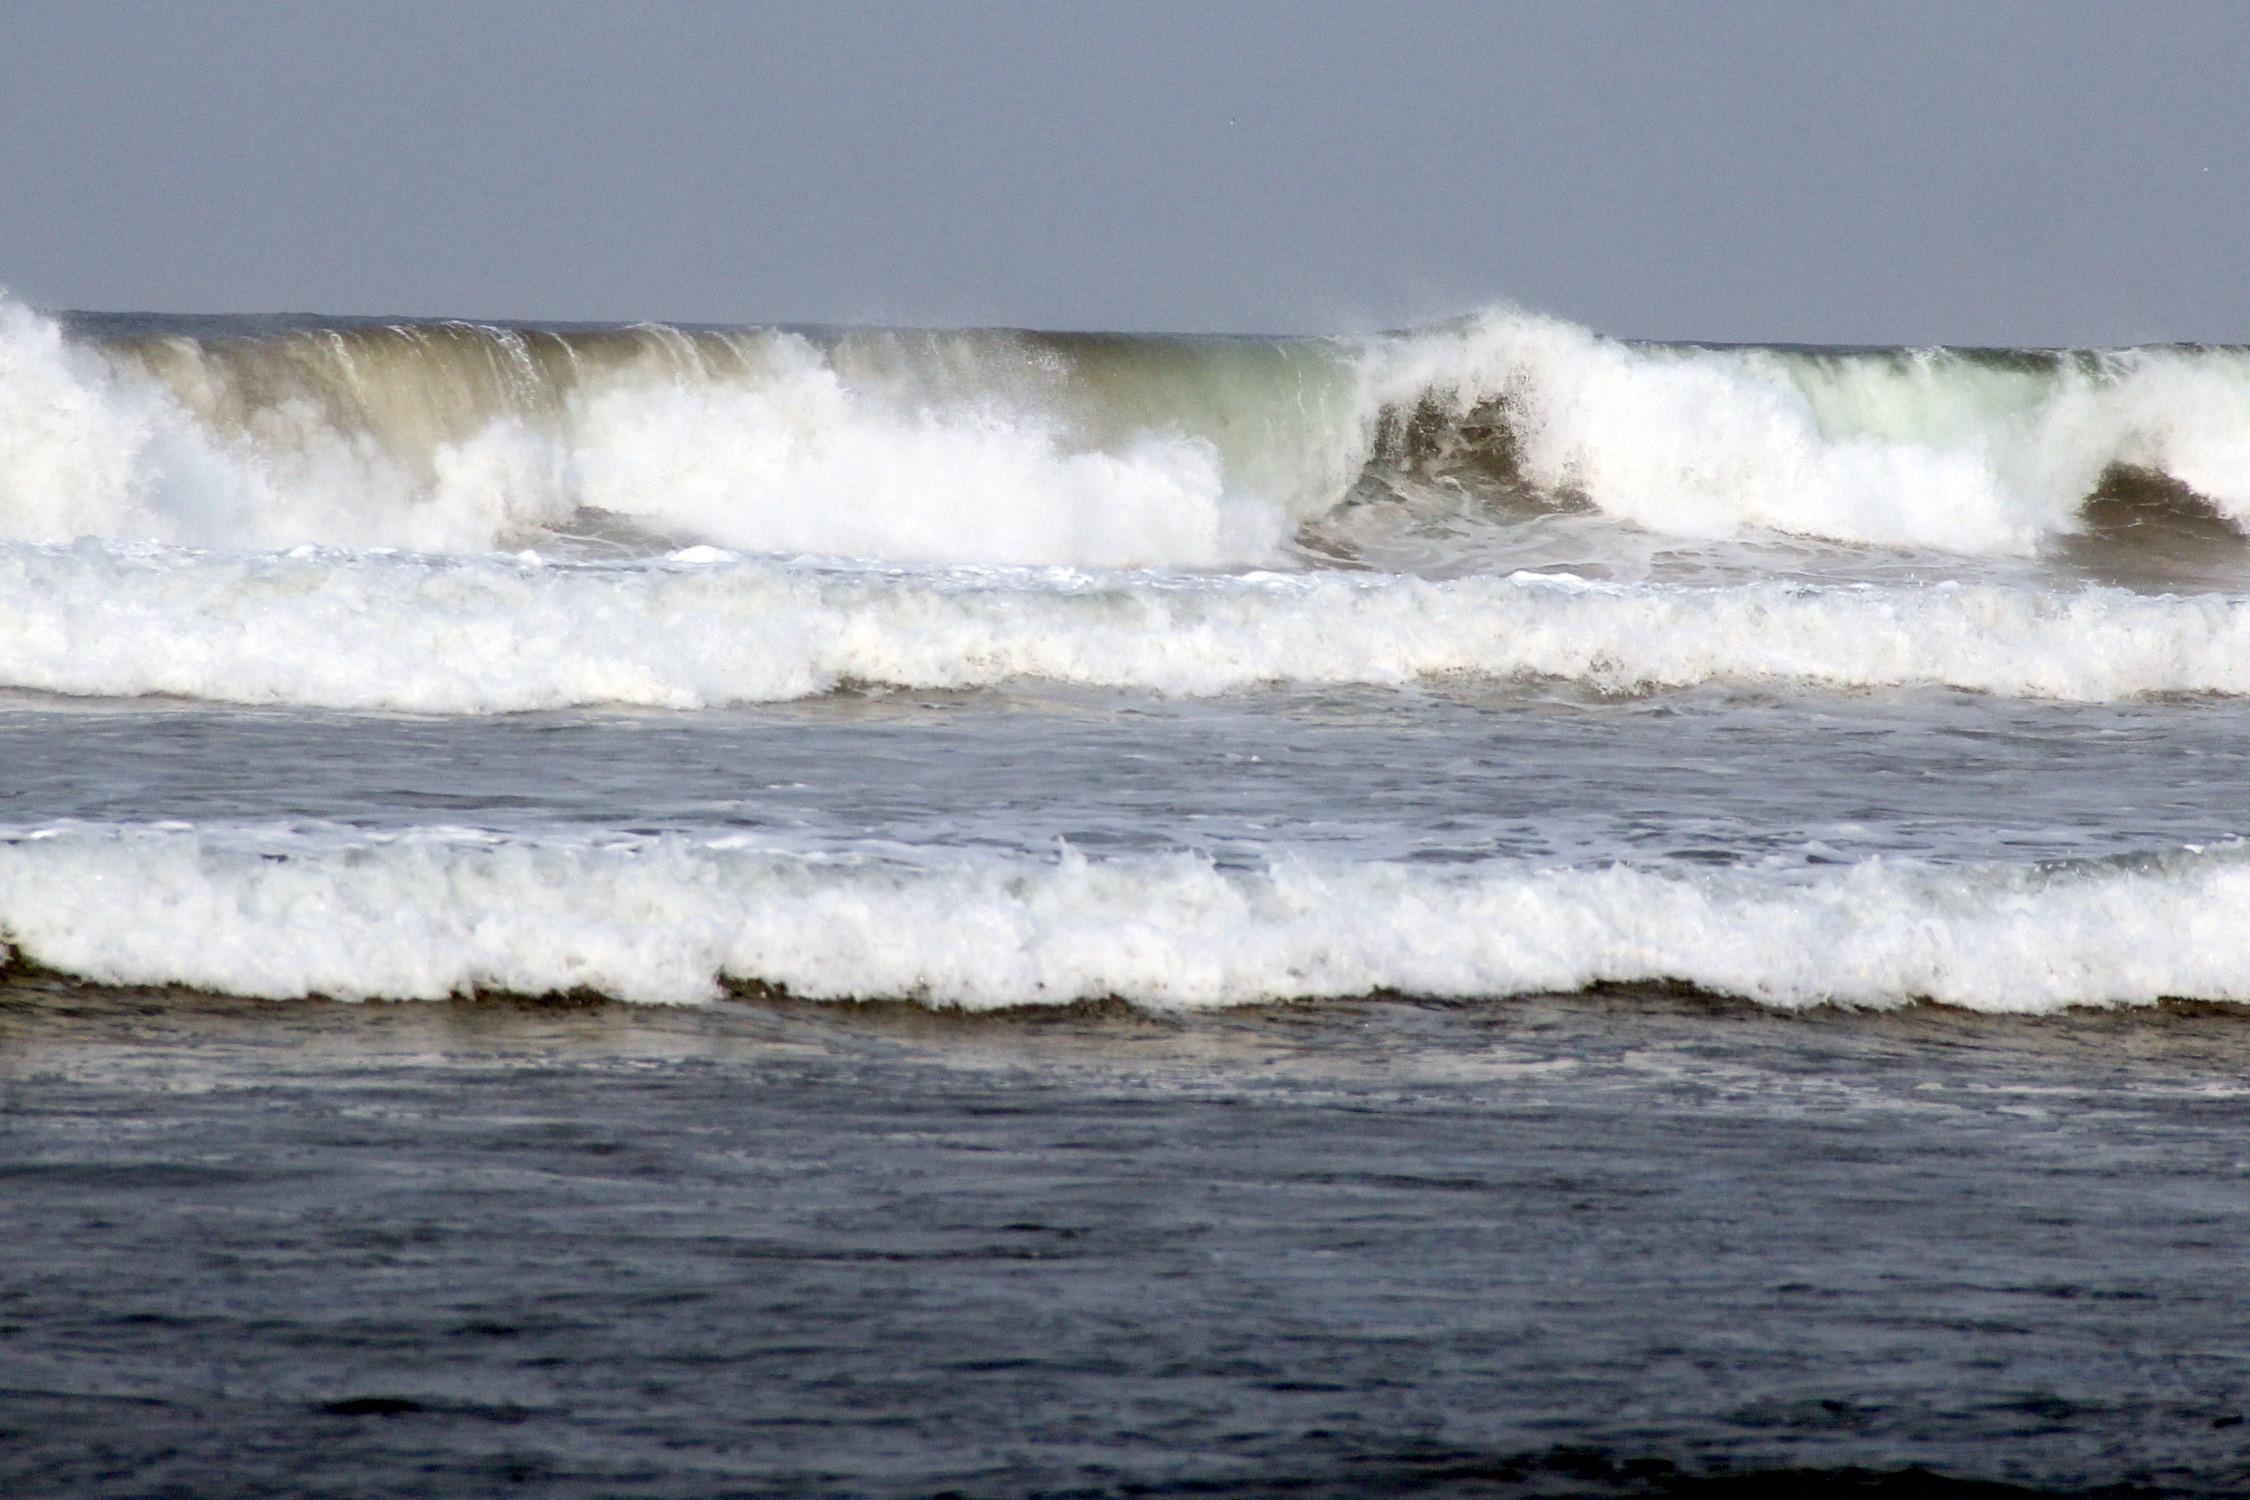 Alertan por posible tsunami en costas de Oaxaca, Chiapas y Guerrero